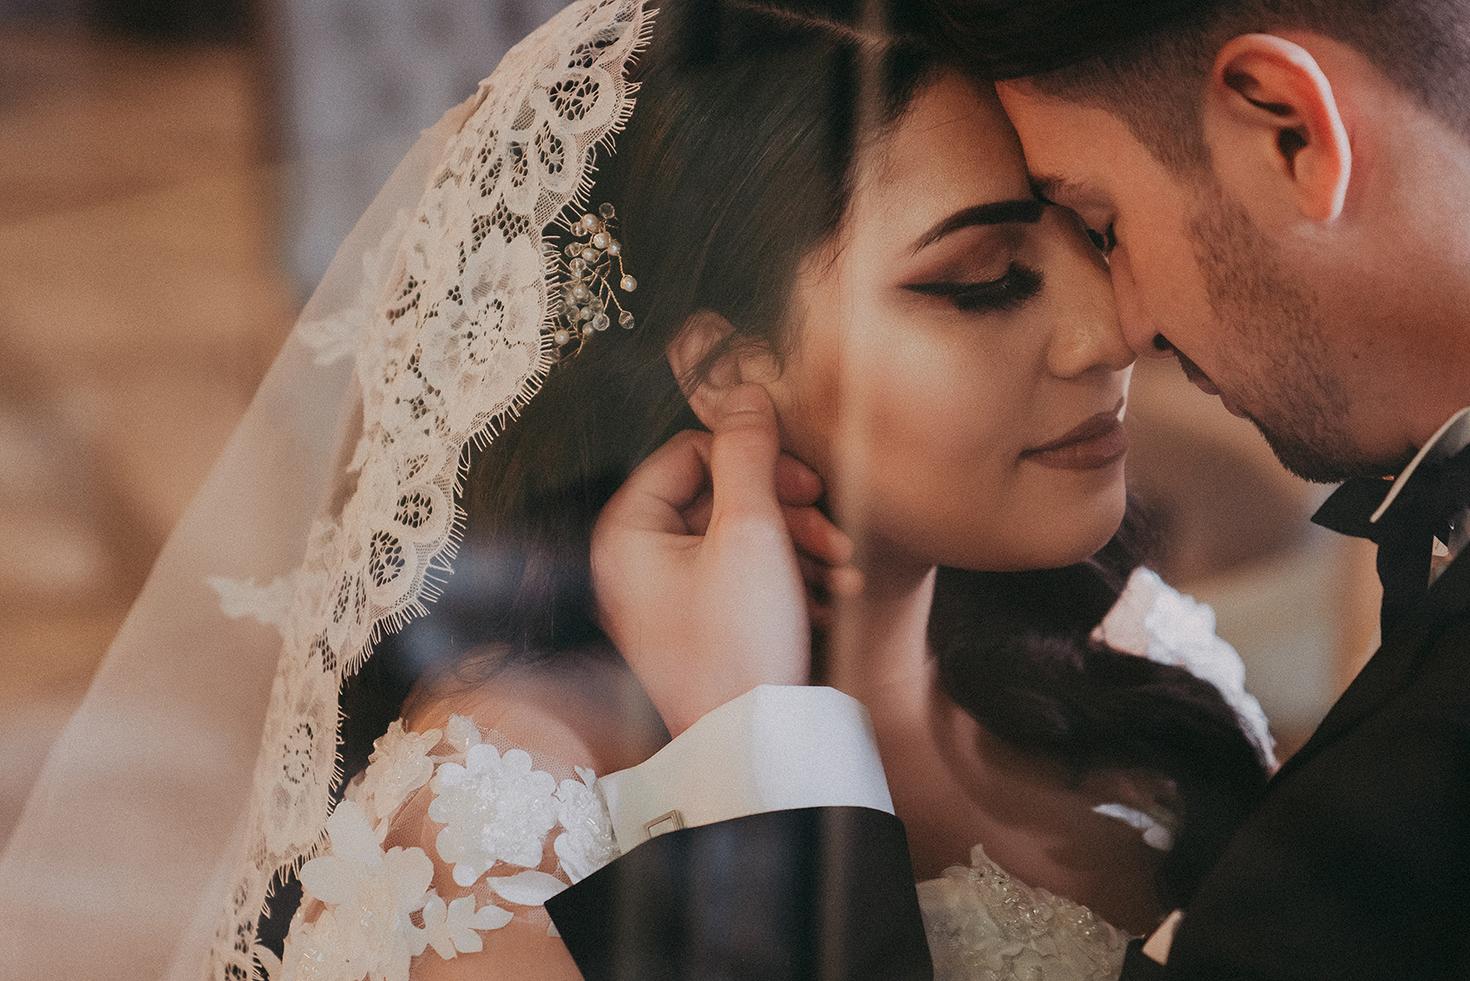 Bräutigam berührt sanft das Gesicht seiner Braut.jpg